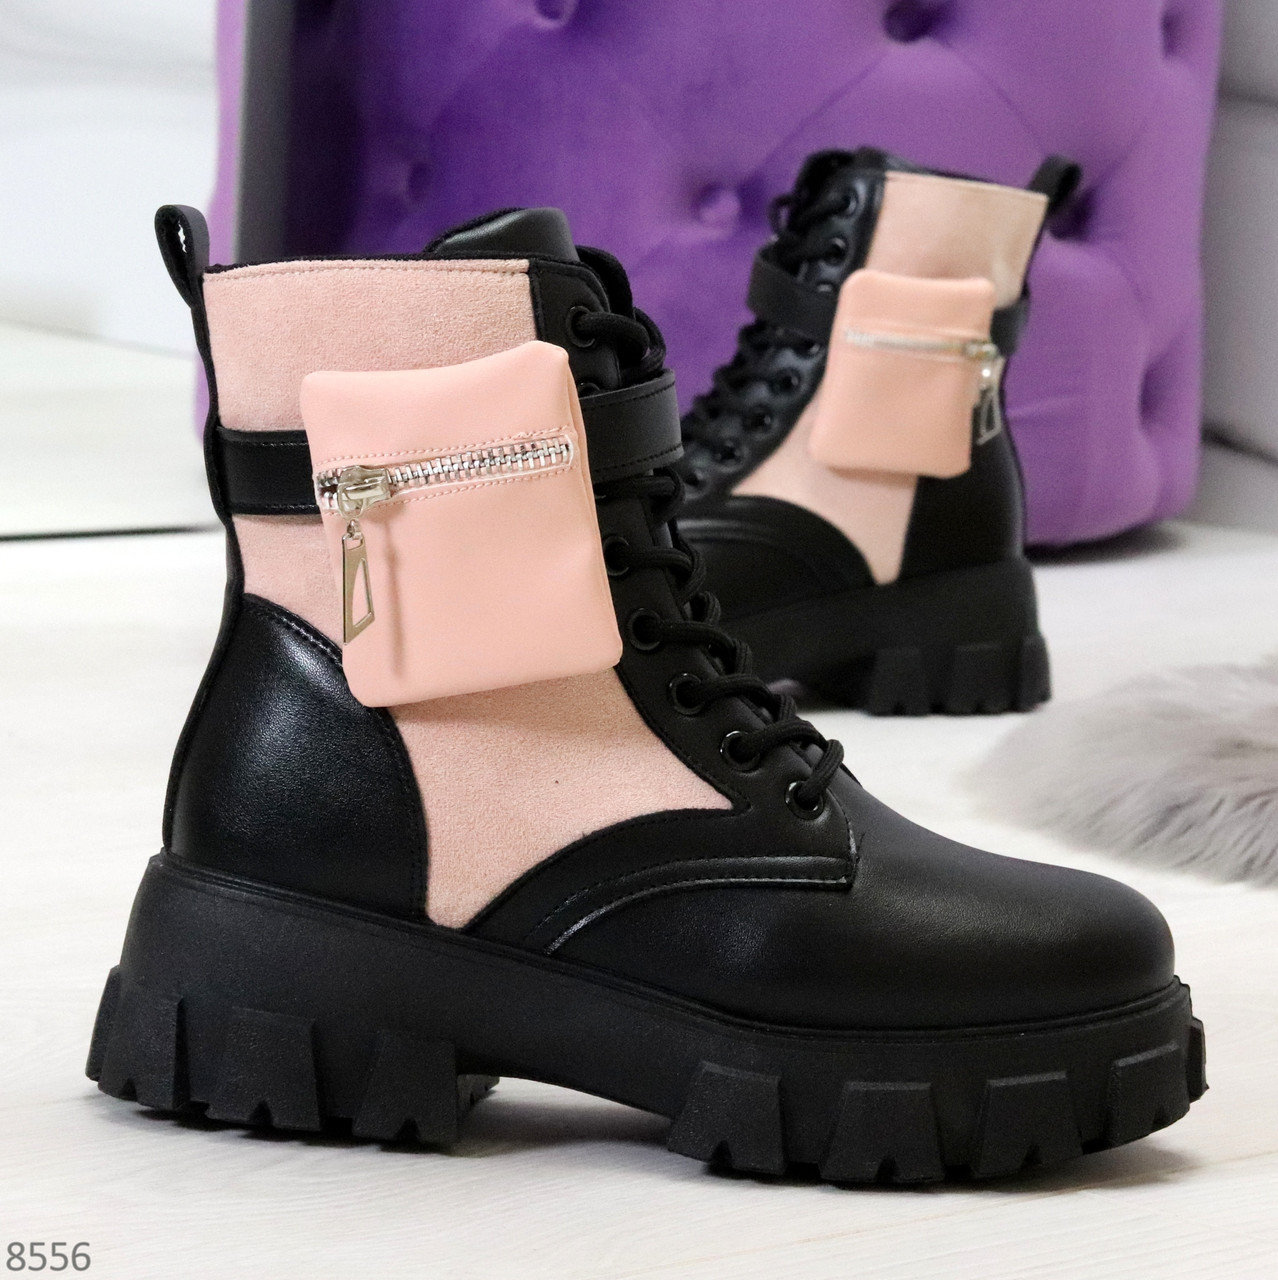 Трендовые люксовые женские черные розовые ботинки с сумочками кошельками кармашками